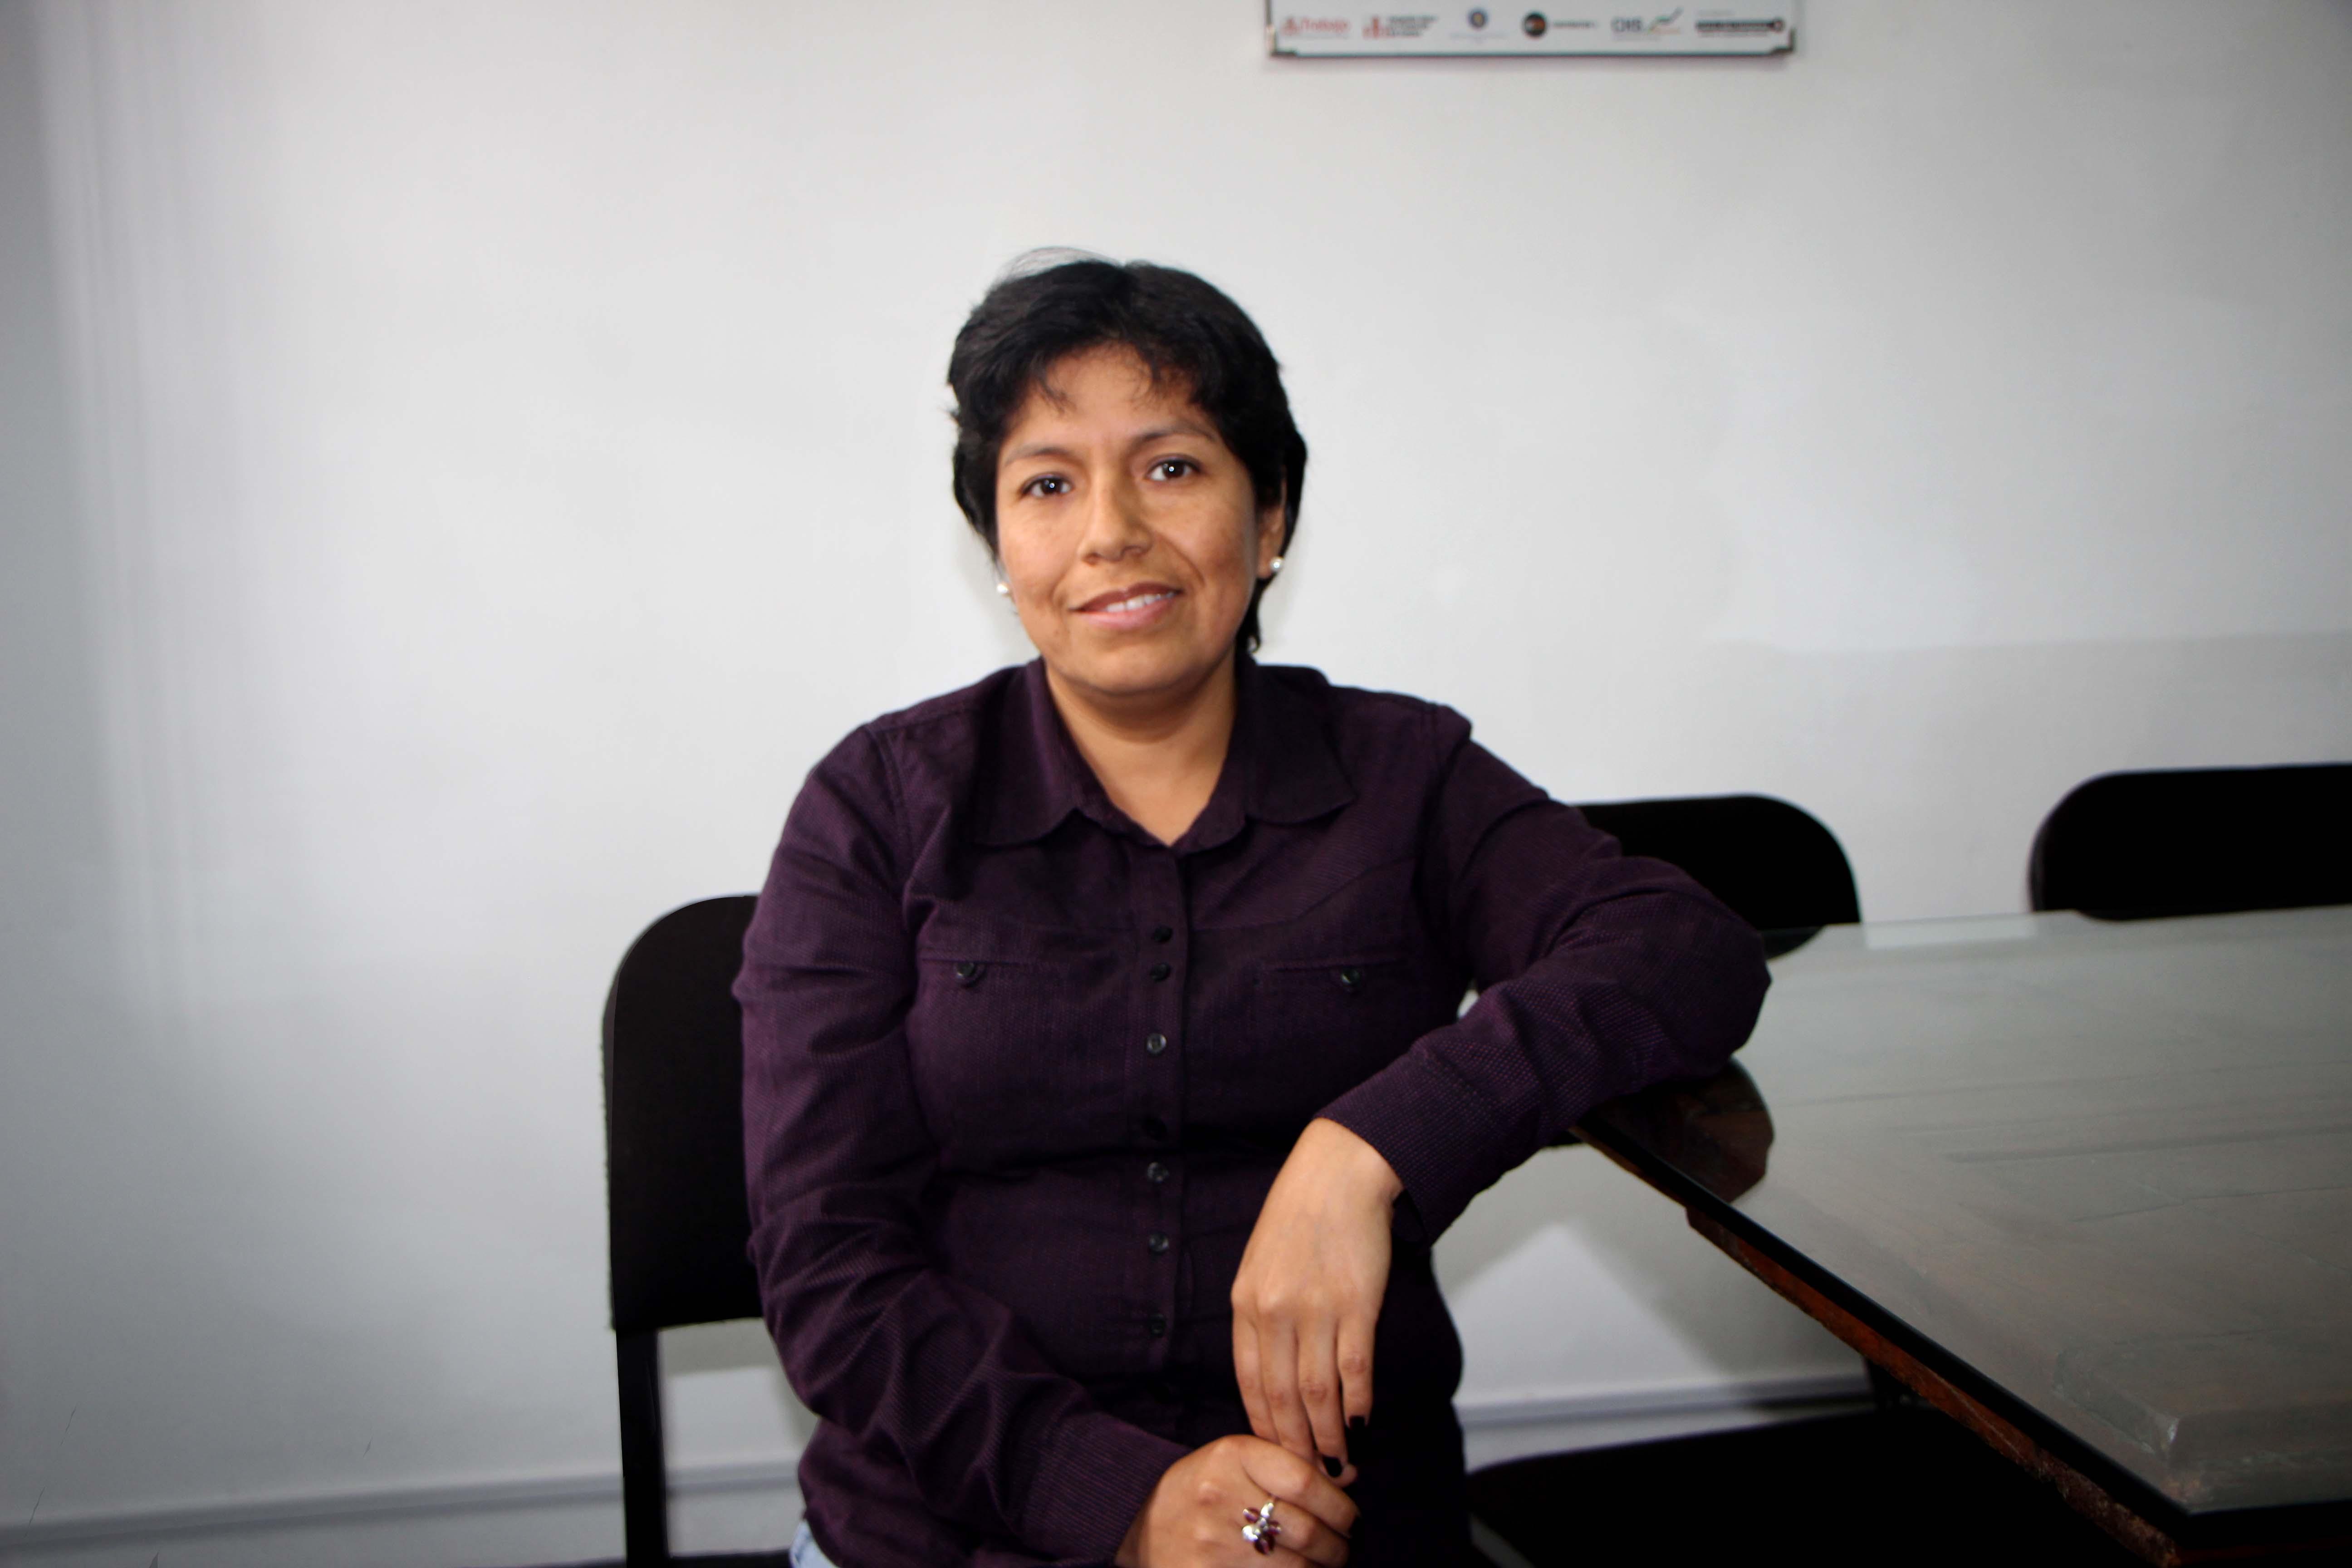 Ana Ladera